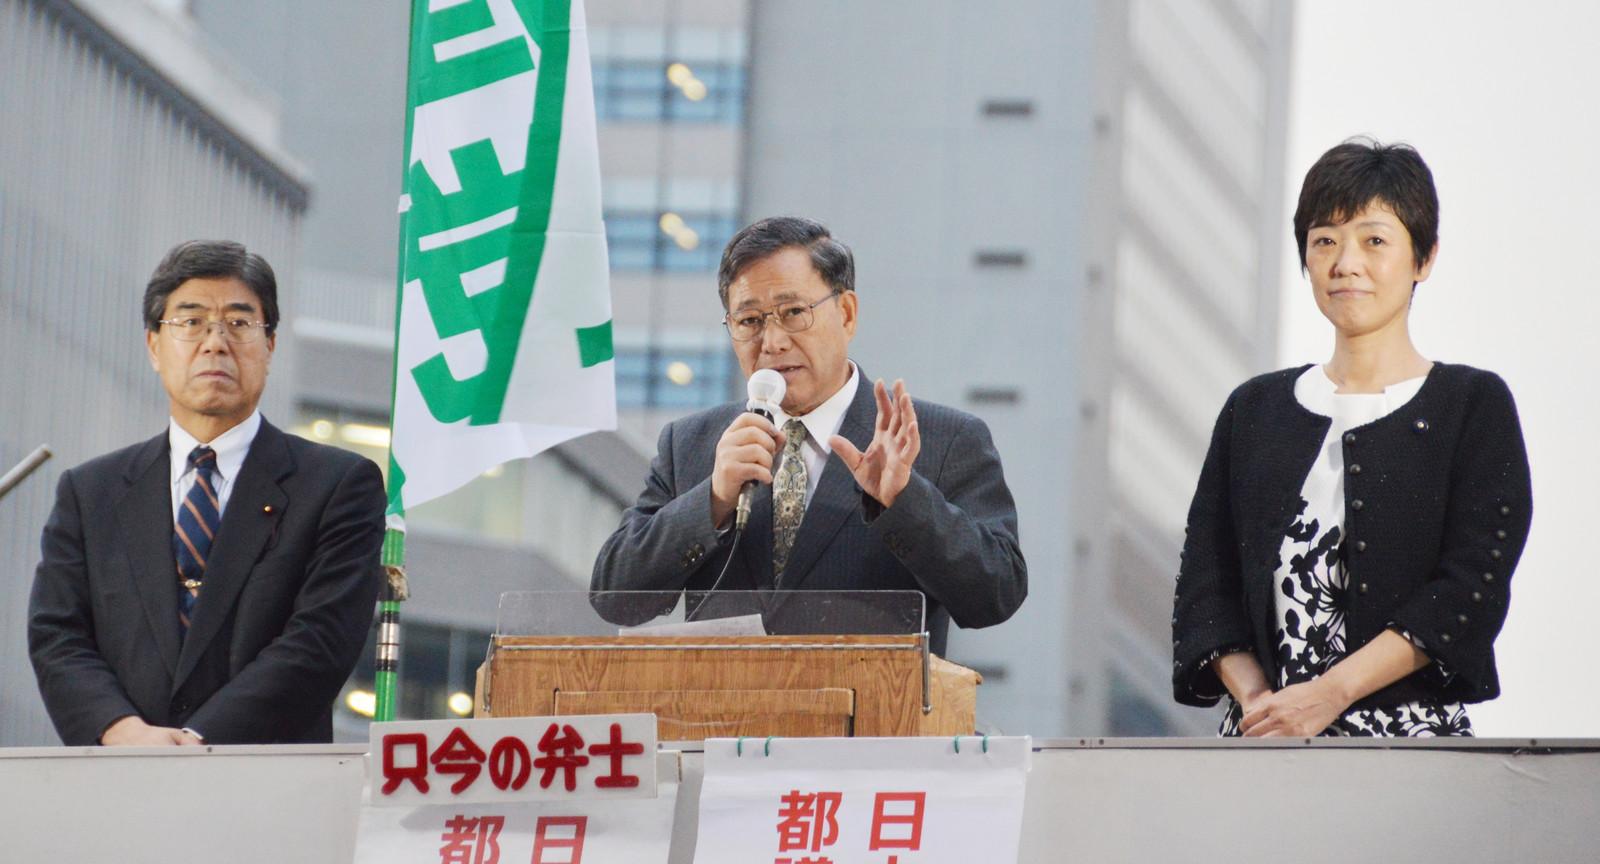 高すぎる国保料負担の軽減を訴える(左から)雨宮、植木、和泉の3氏=20日、東京・JR新宿駅西口前